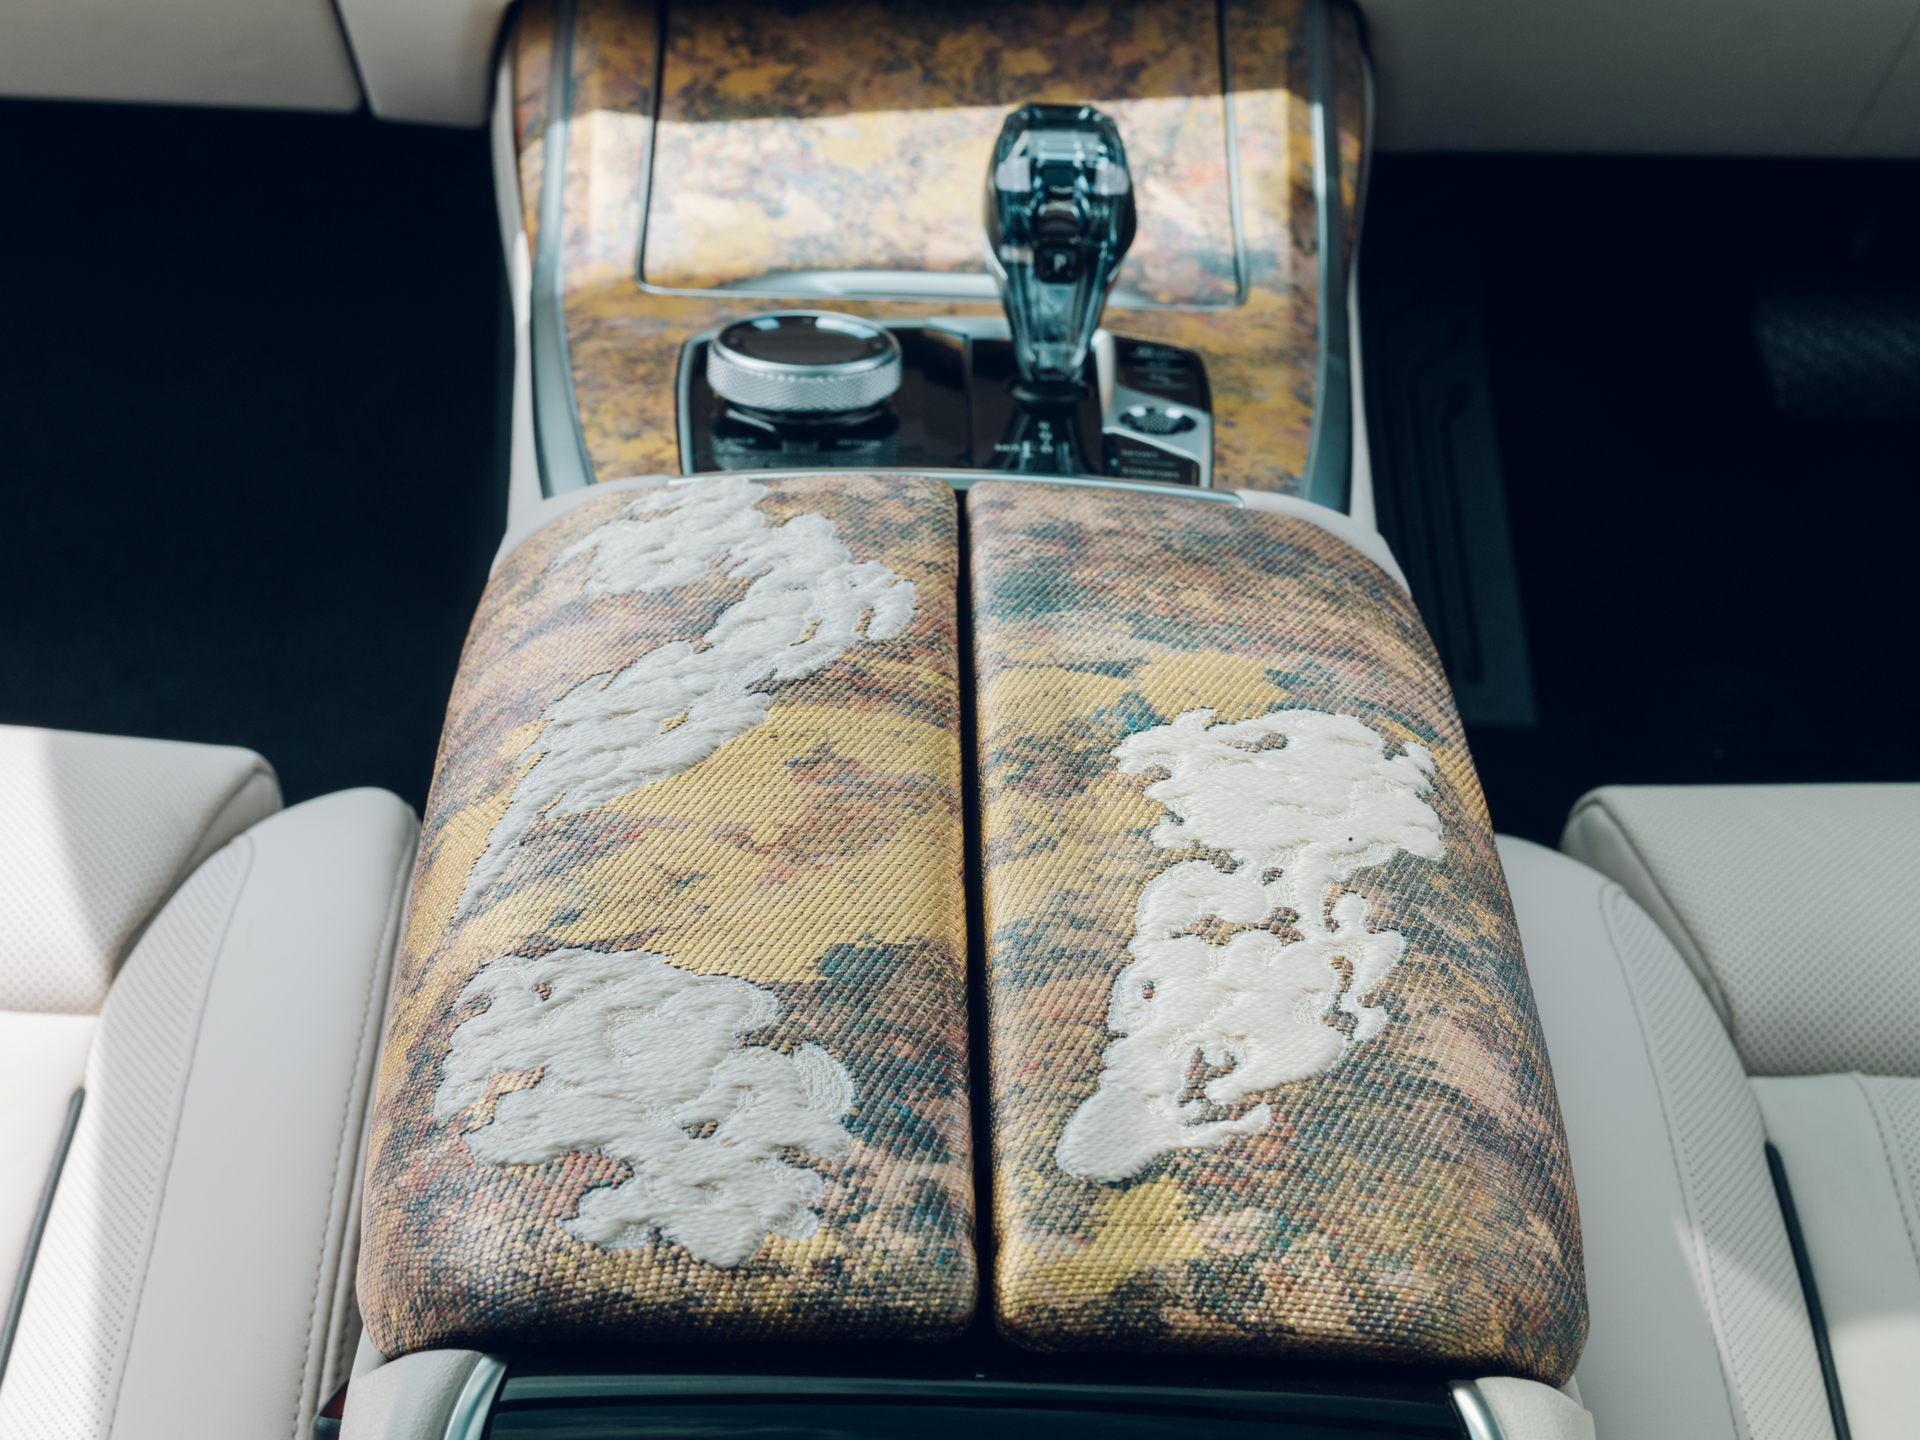 BMW X7 Nishijin Edition có nội thất đặc biệt